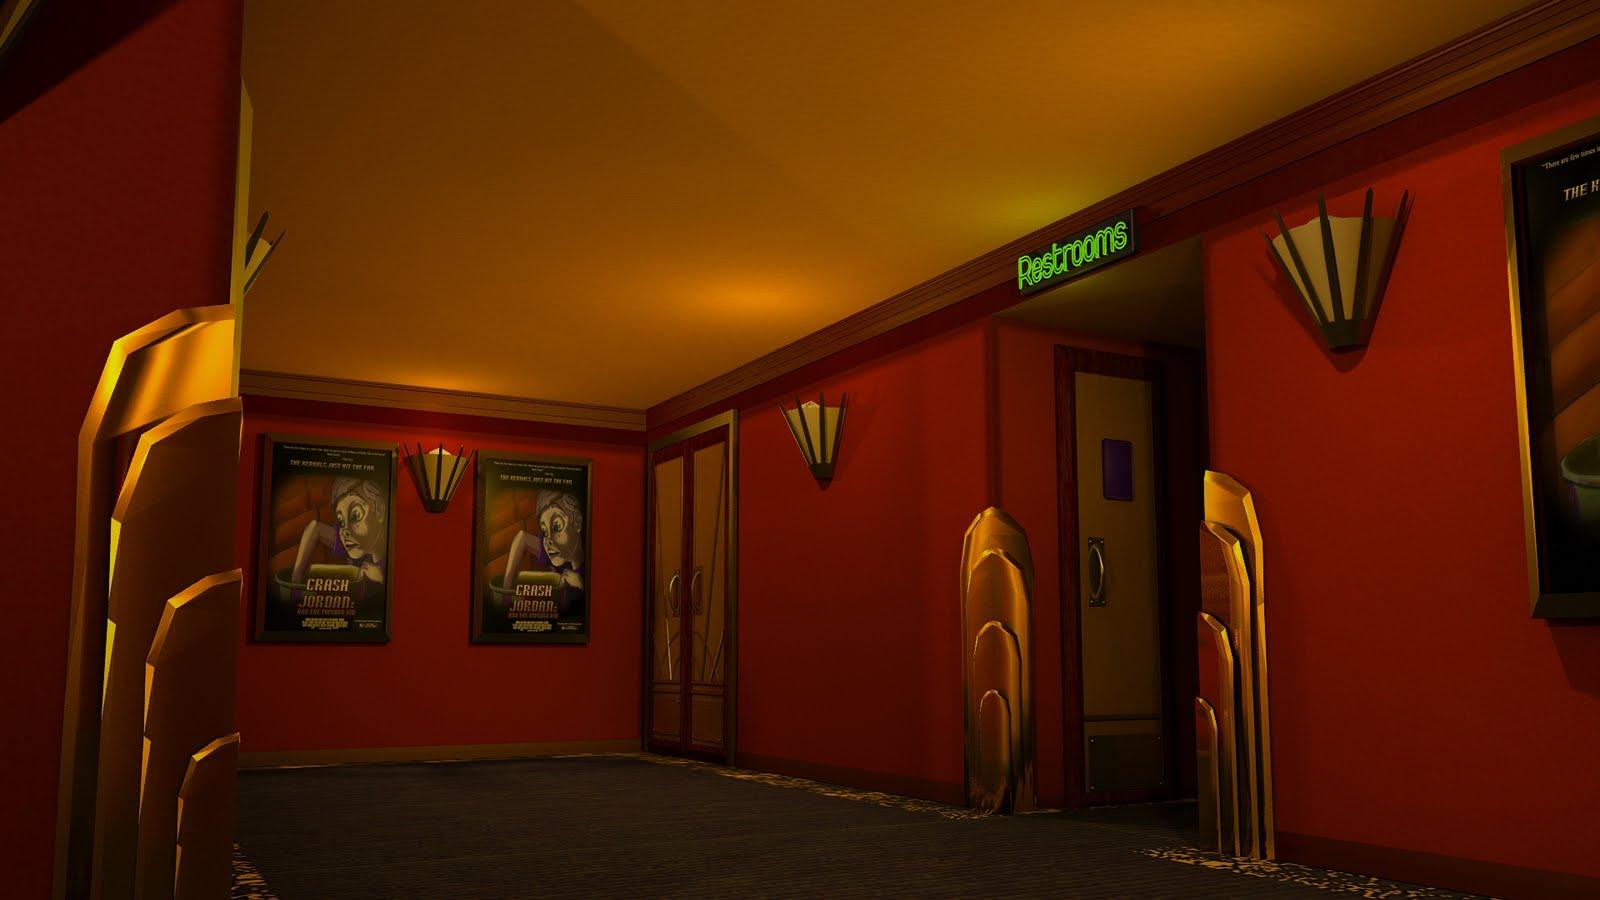 47 Movie Theater Wallpaper On Wallpapersafari